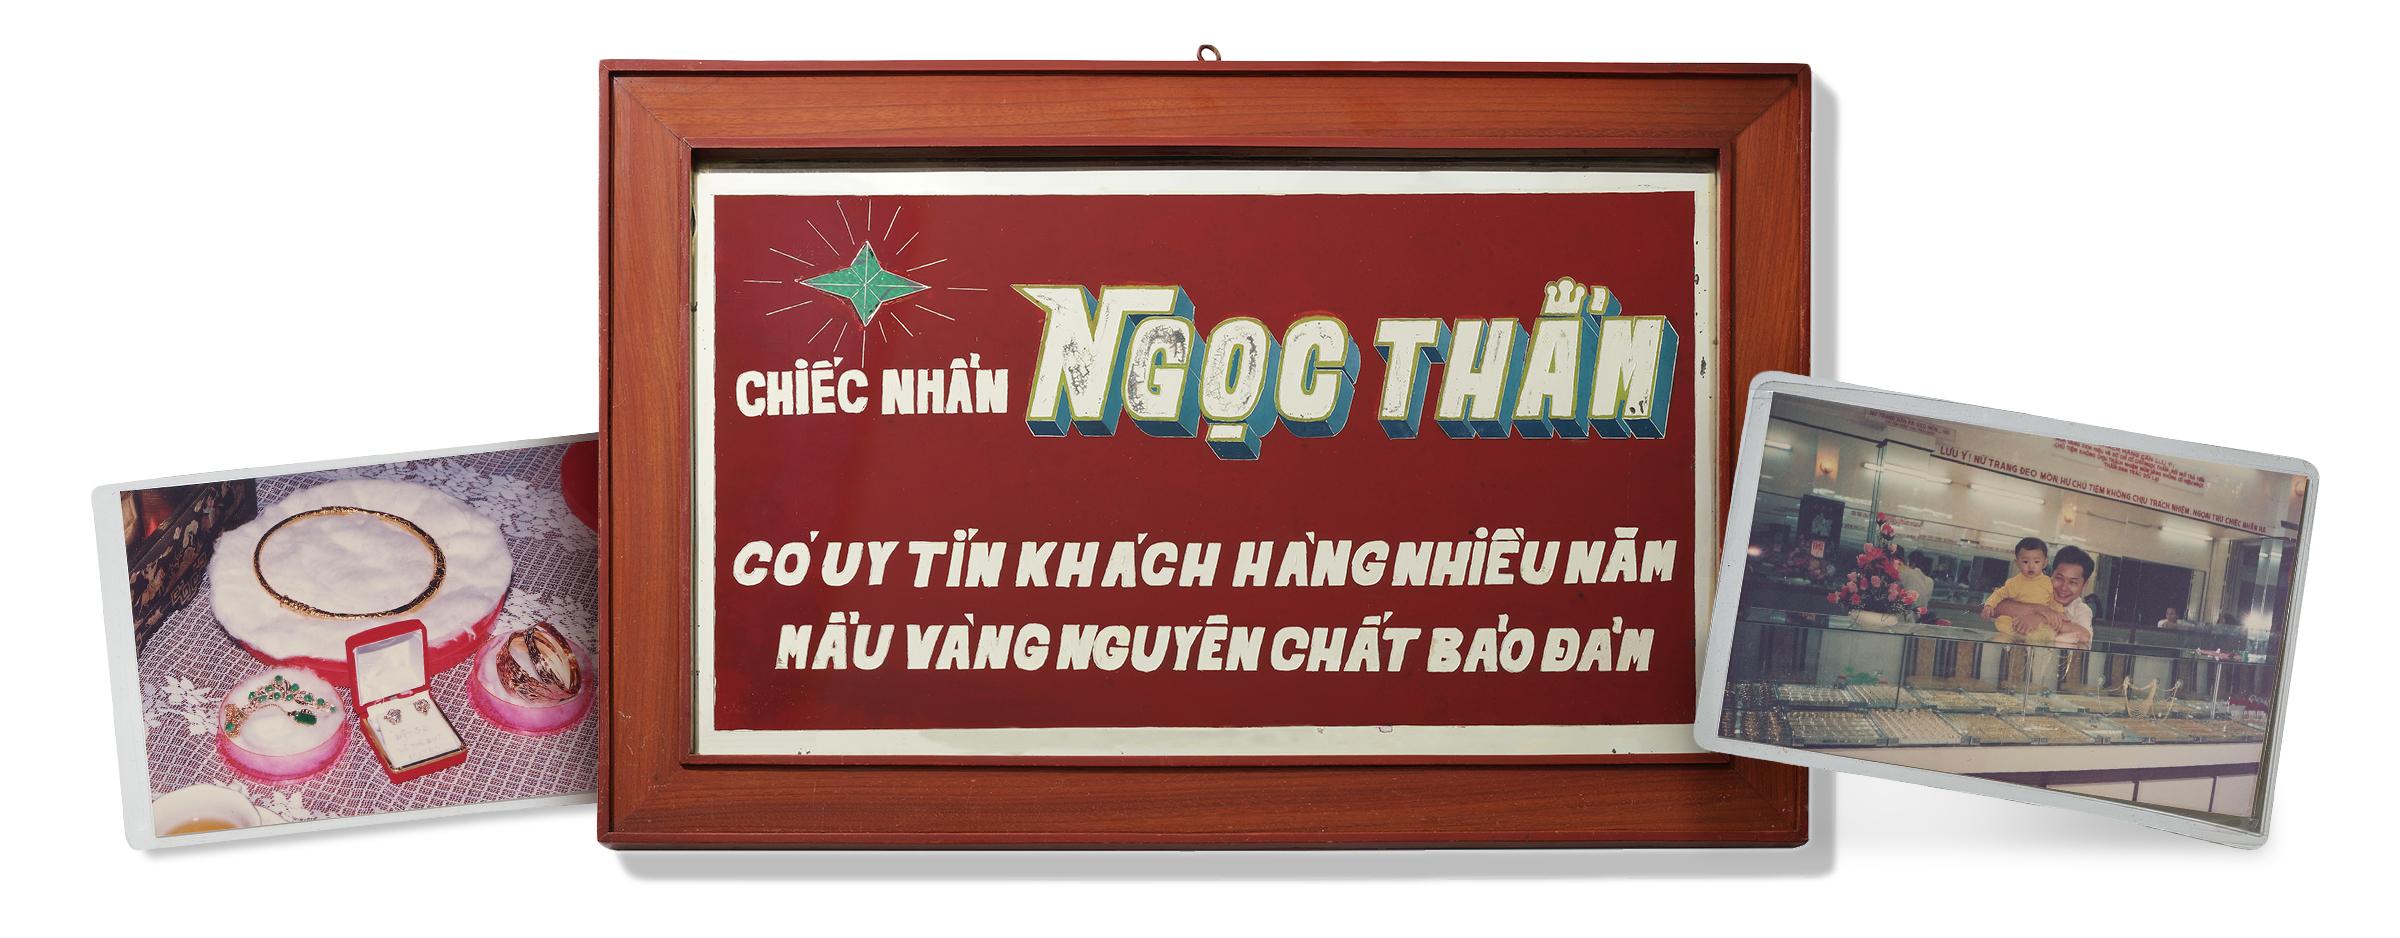 Tấm bảng thương hiệu trang sức đầu tiên của NTJ